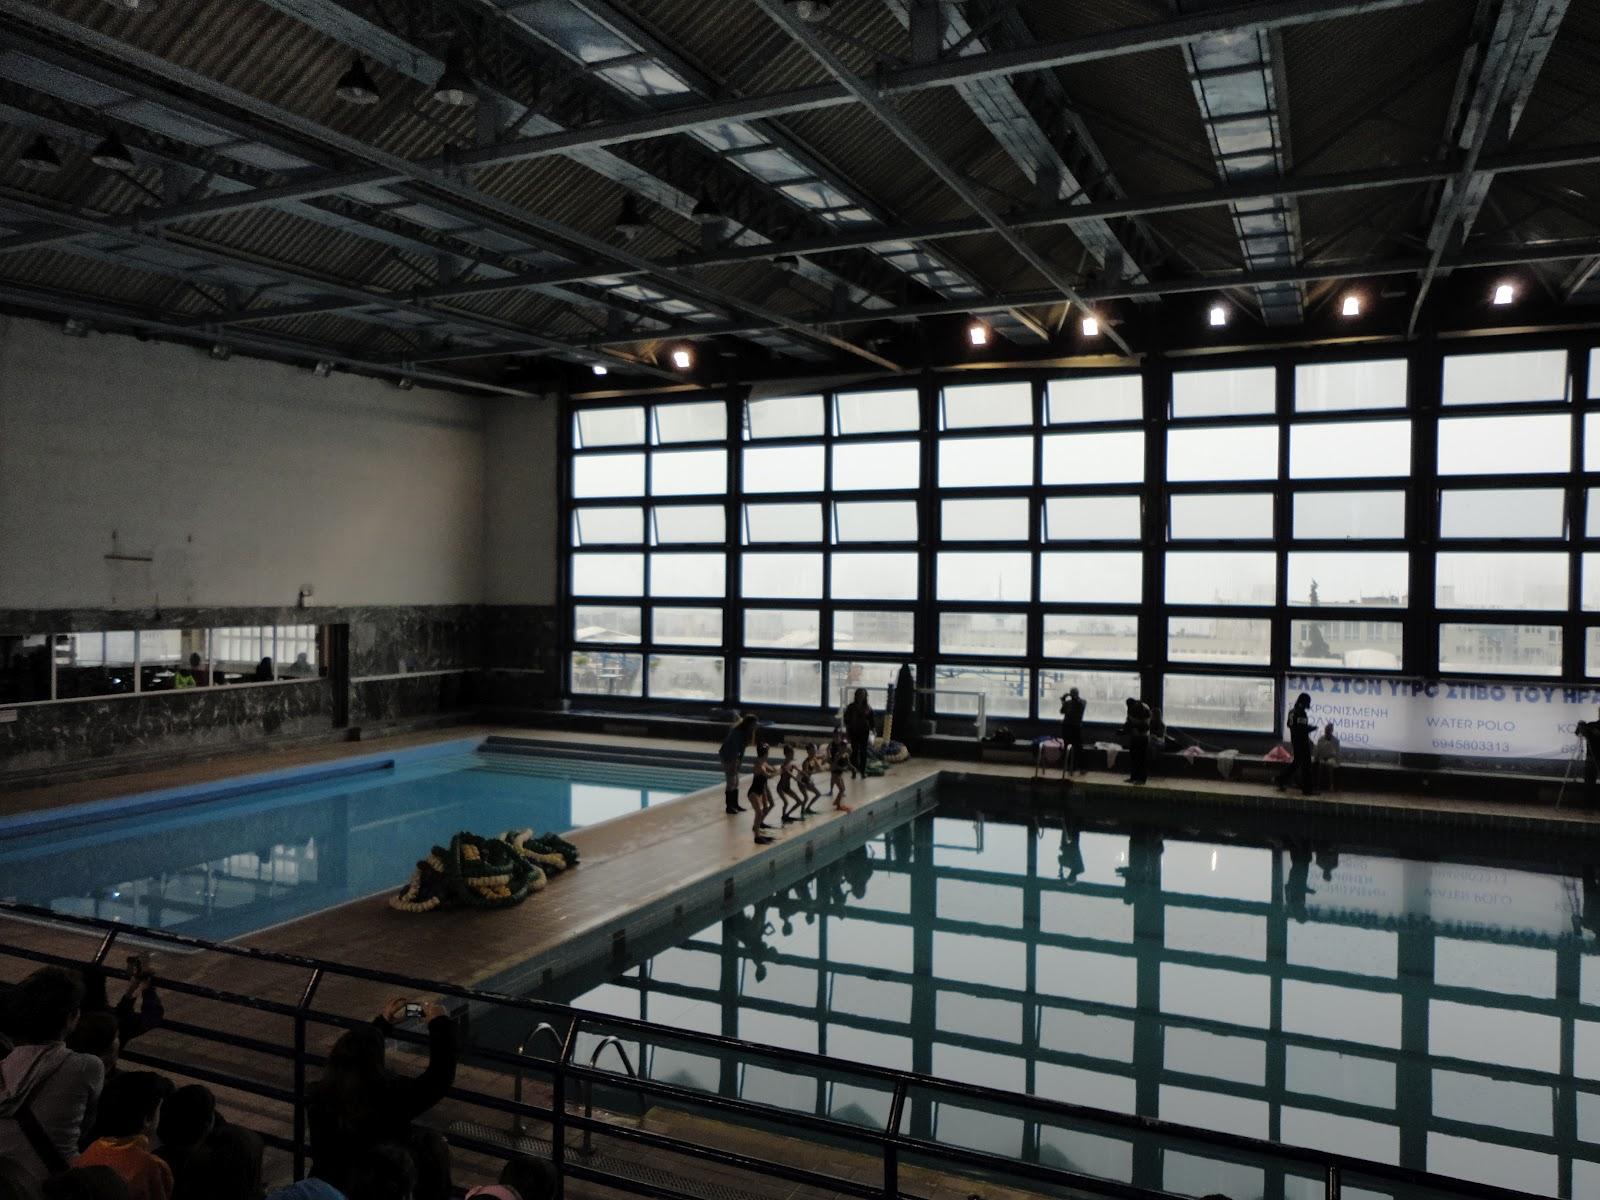 στα αριστερά, η παιδική πισίνα